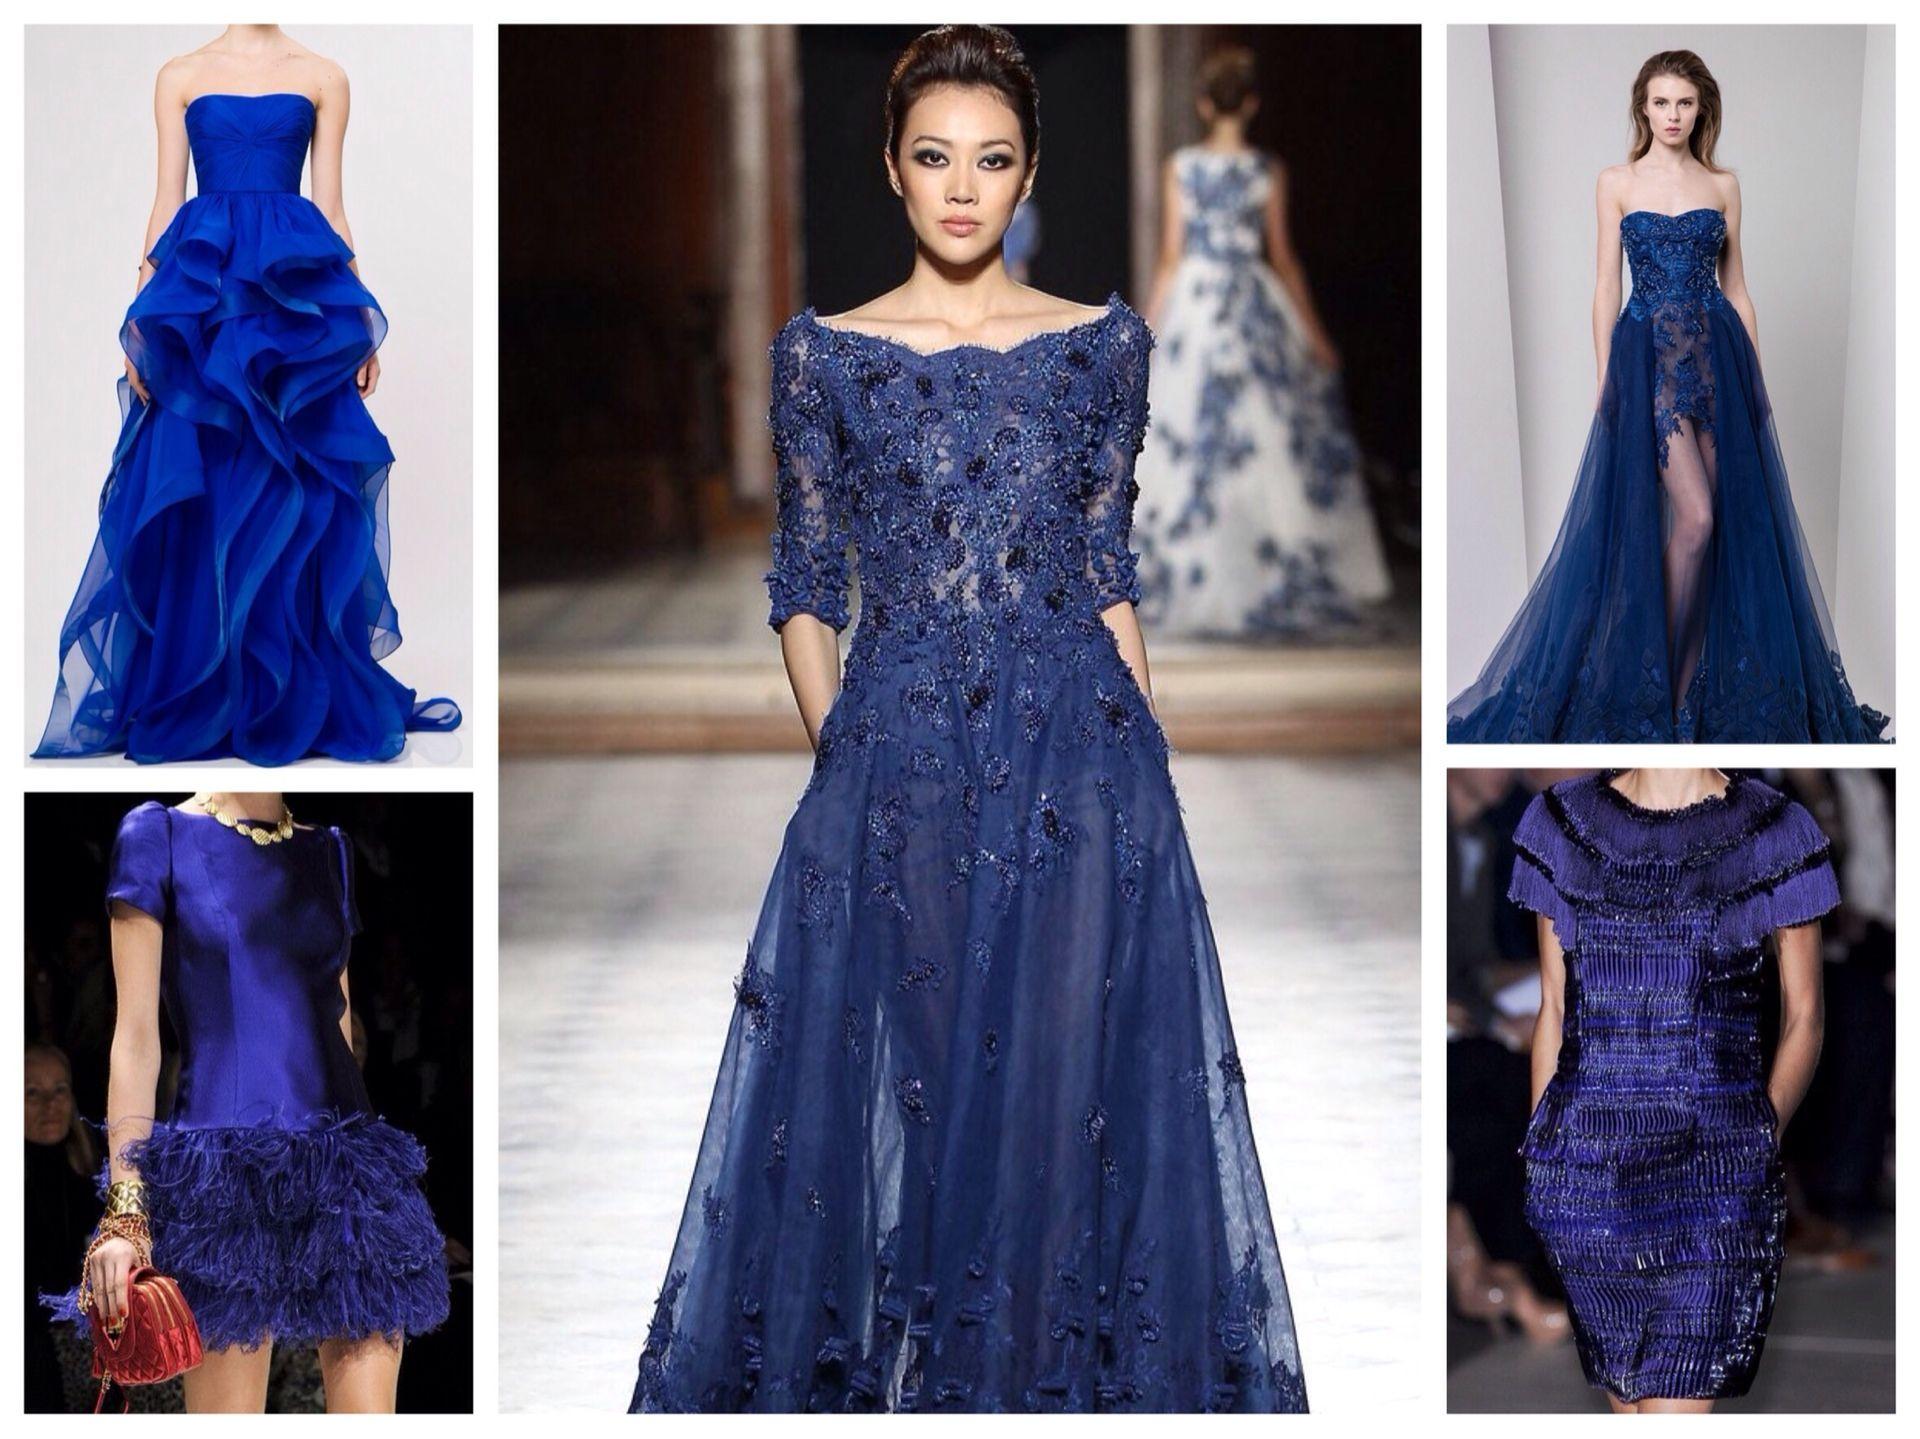 d16a7f41c5e Синее платье  фото бесподобных новинок для женщин